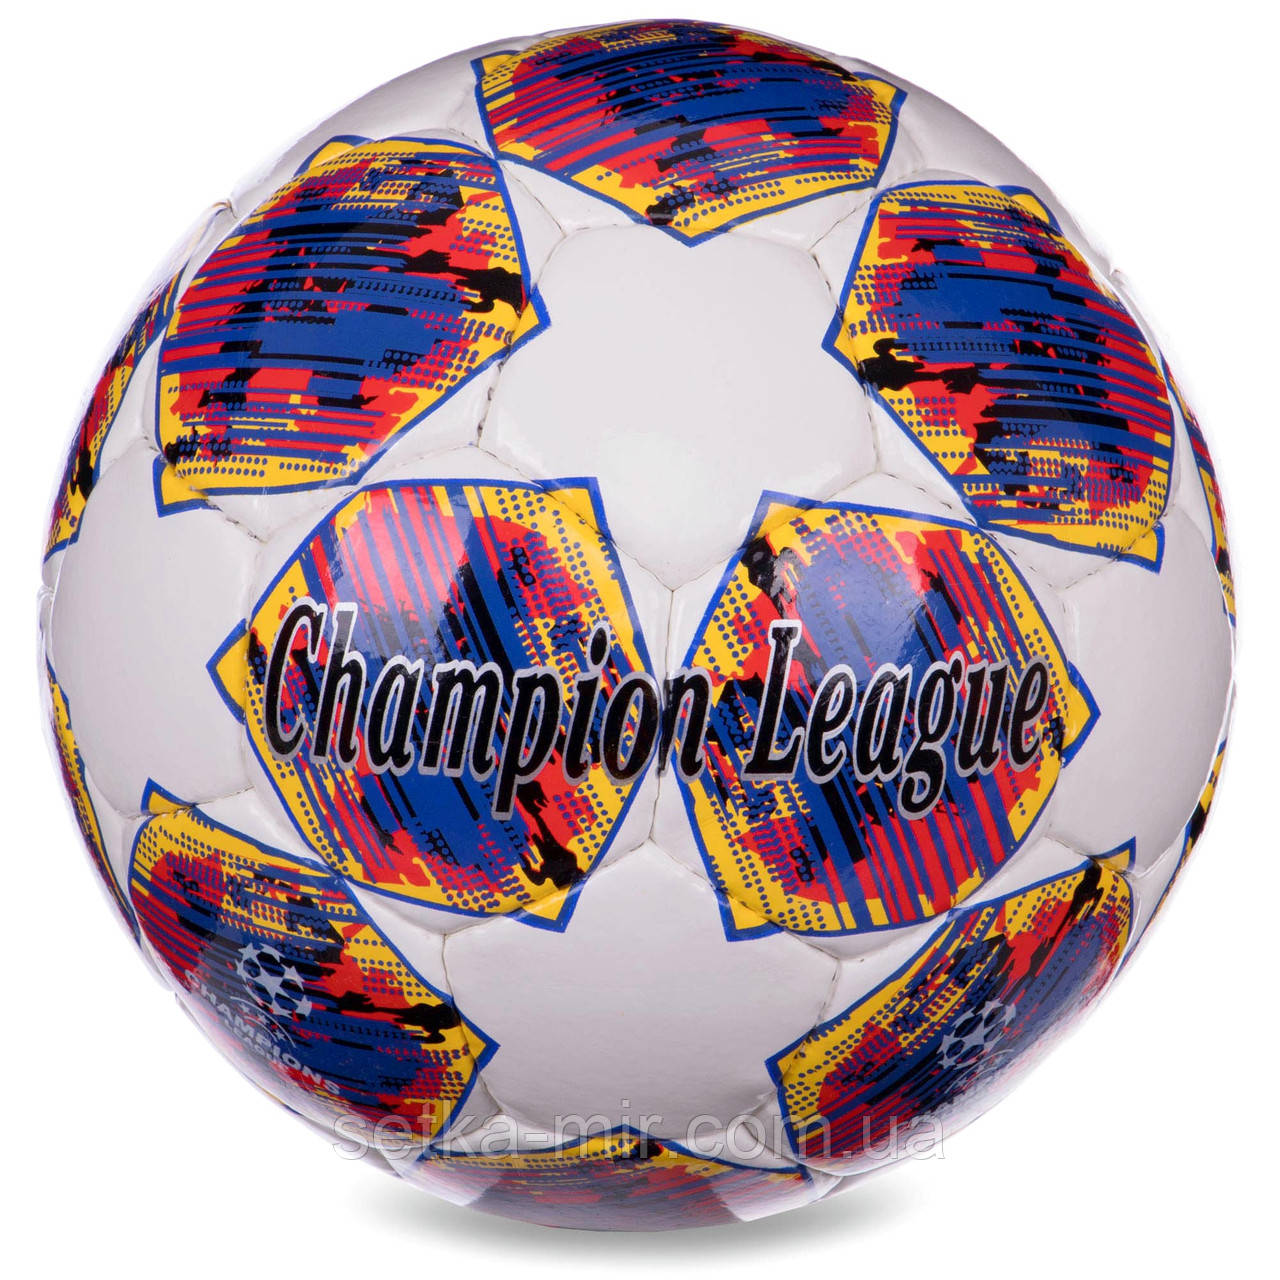 М'яч футбольний №5 PU ламін. CHAMPIONS LEAGUE FINAL MADRID (№5, 5 сл., Зшитий вручну)